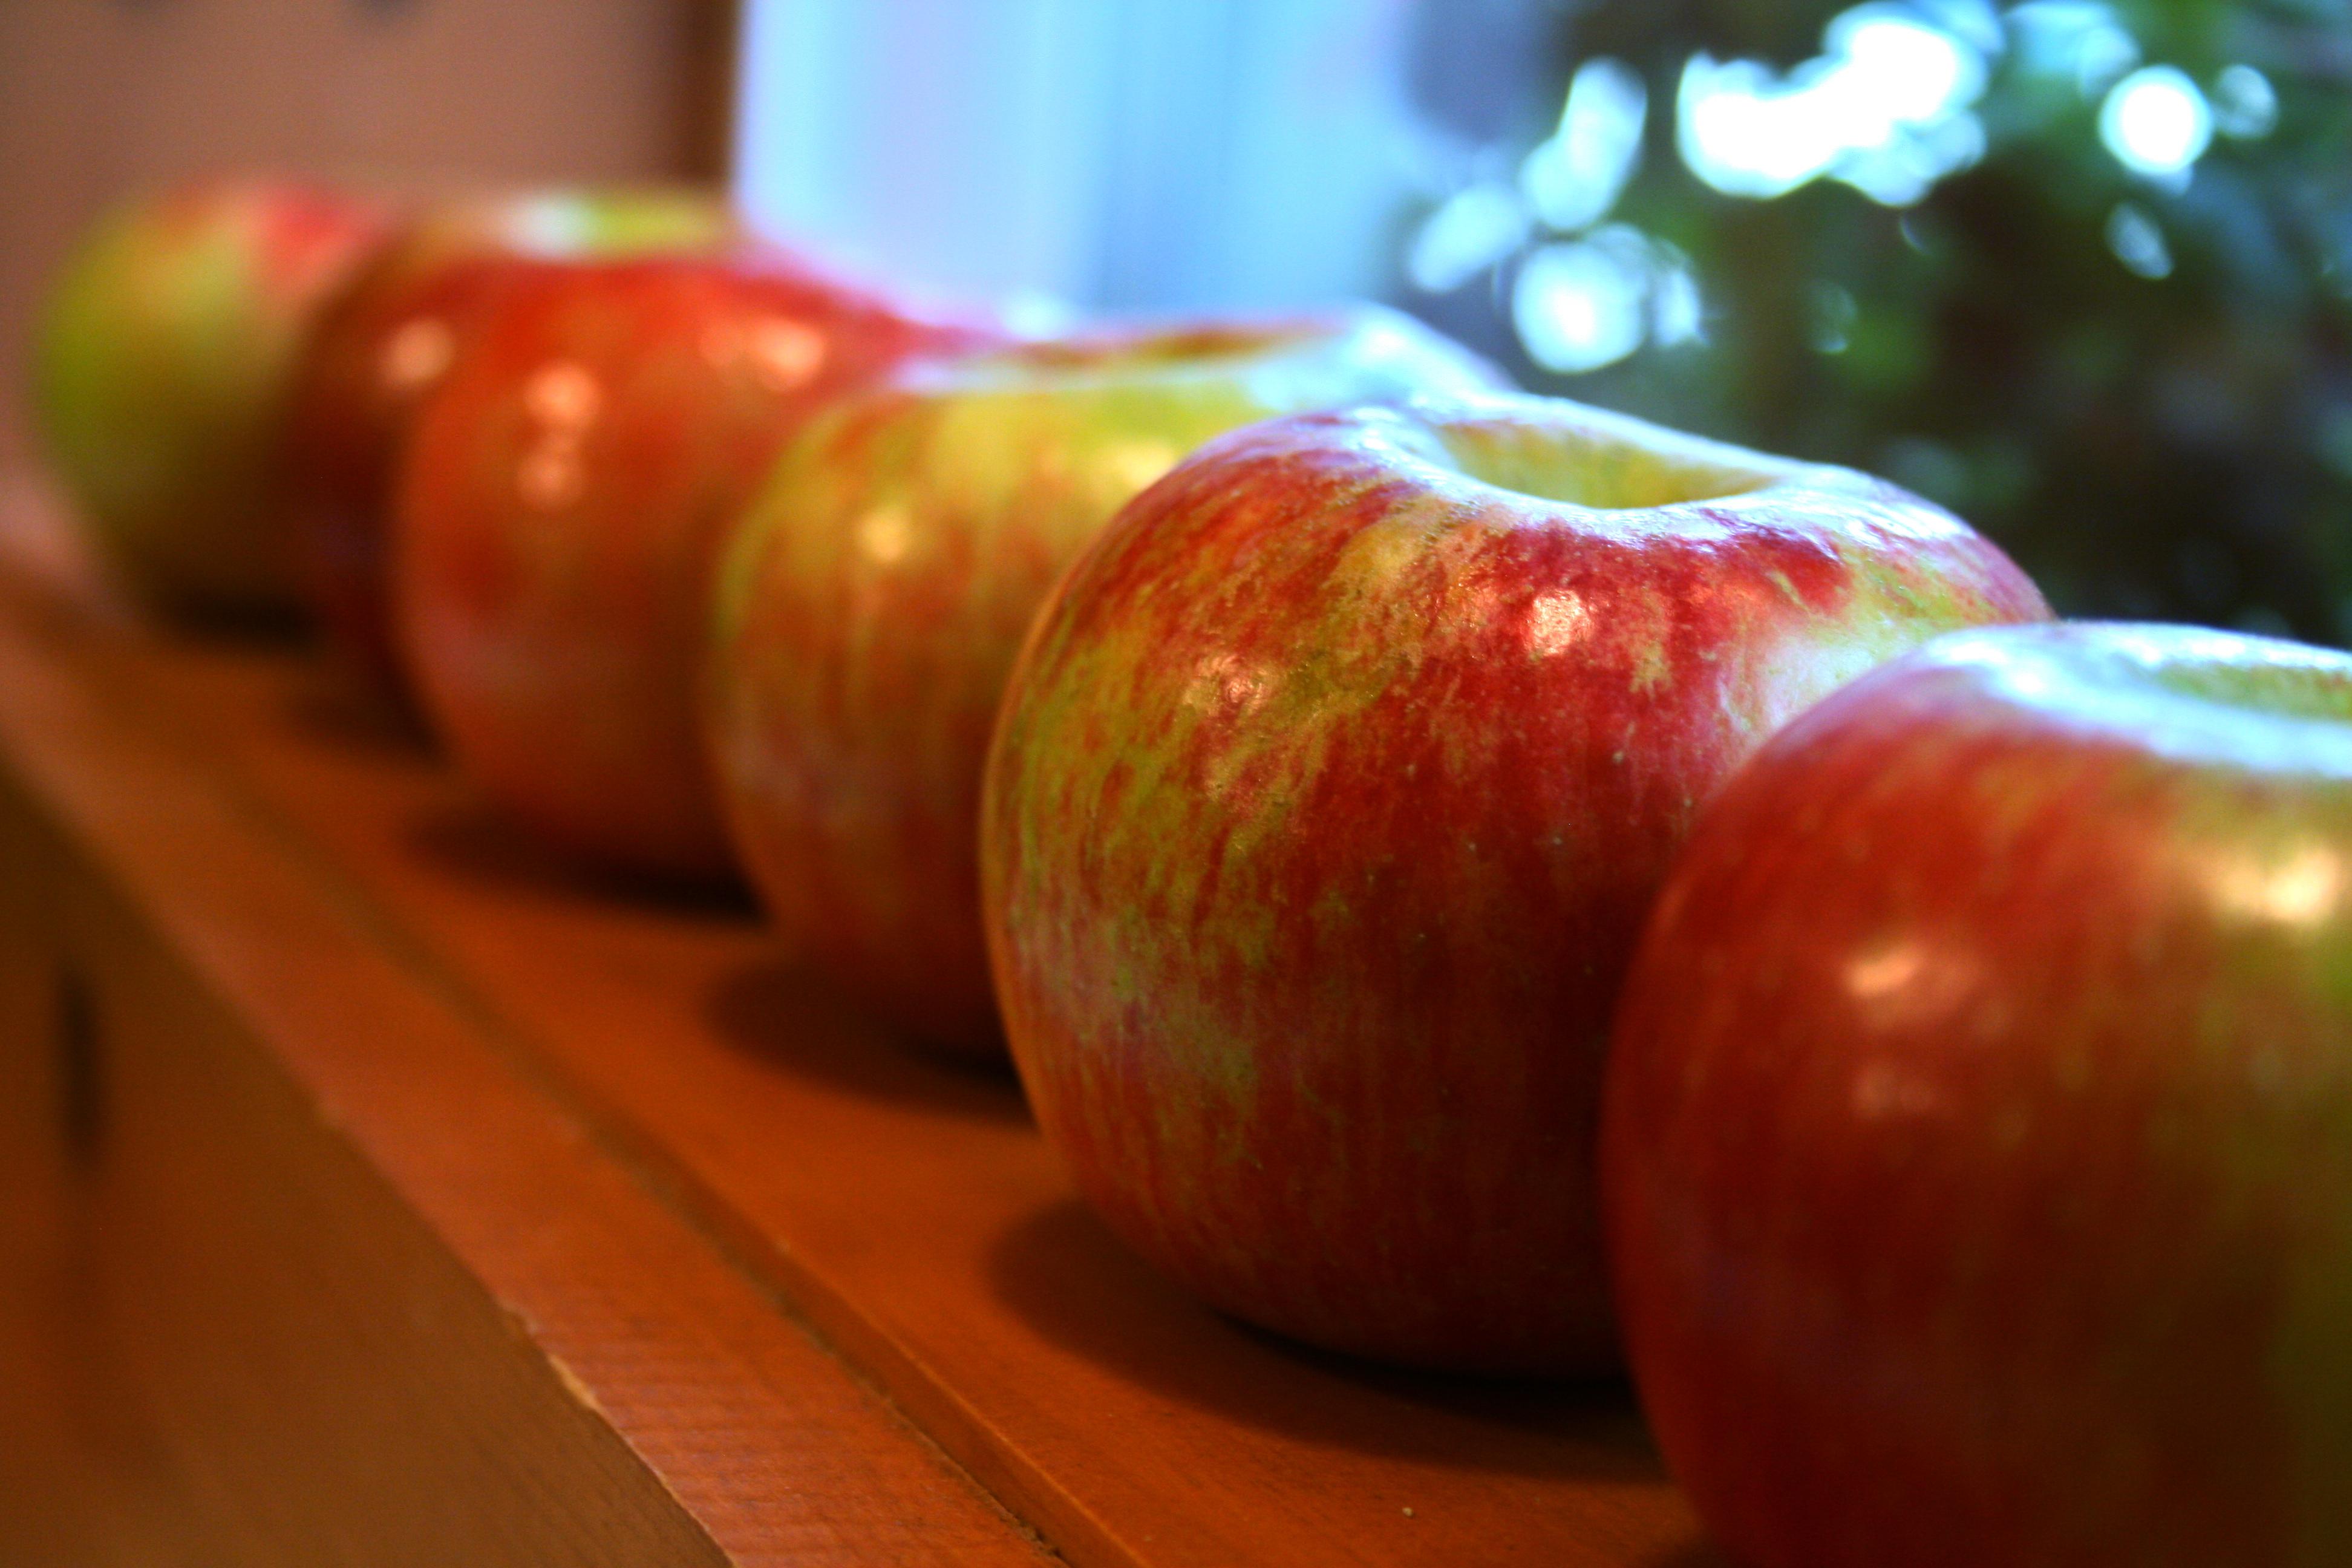 Honeycrisp Apples | FruitShare.com